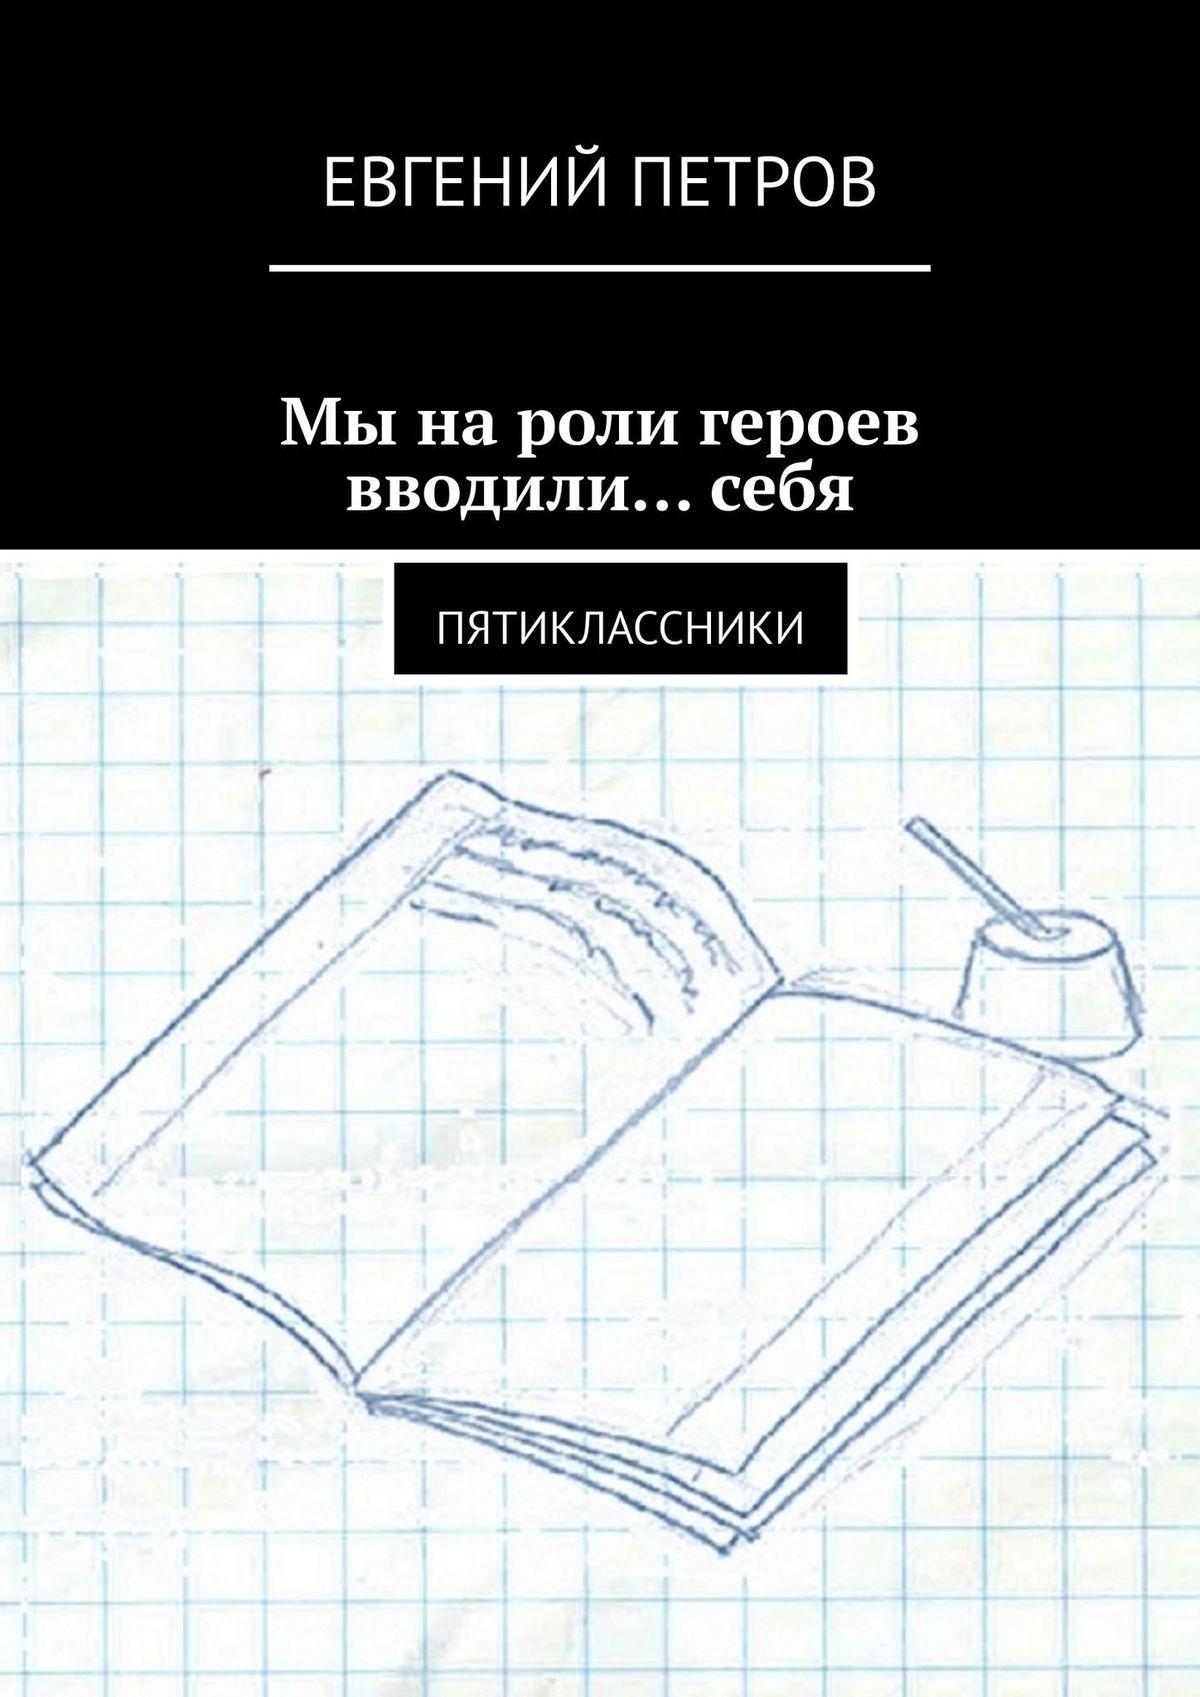 Евгений Петров Мы нароли героев вводили…себя